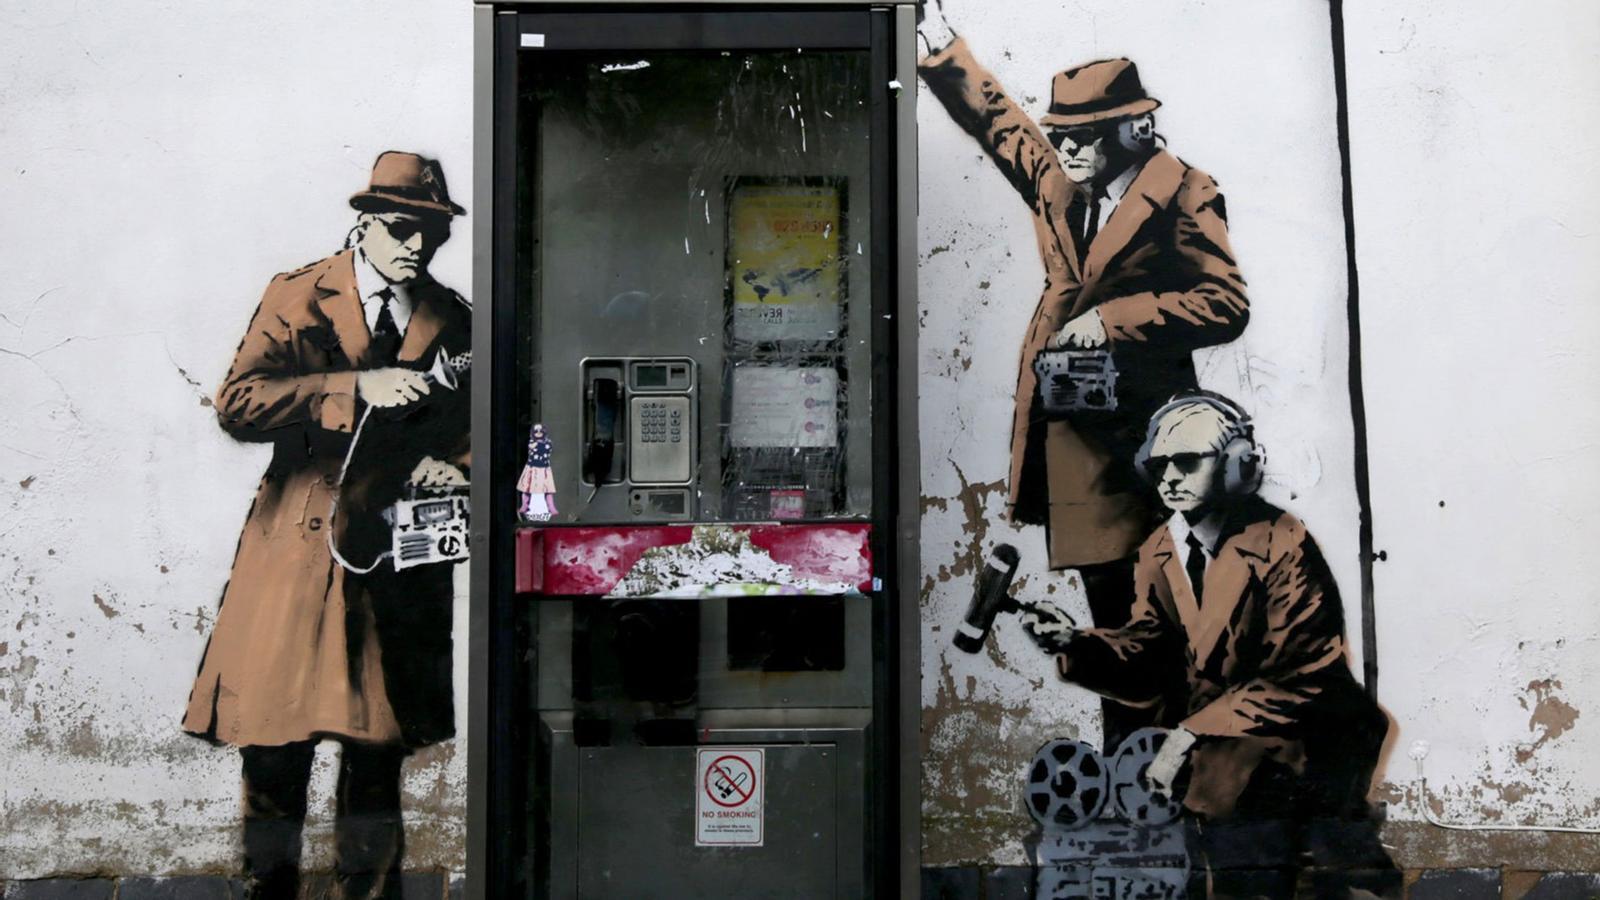 El mural de Cheltenham (Regne Unit), representa l'espionatge a través de la línia de telèfon i és una obra de Bansky